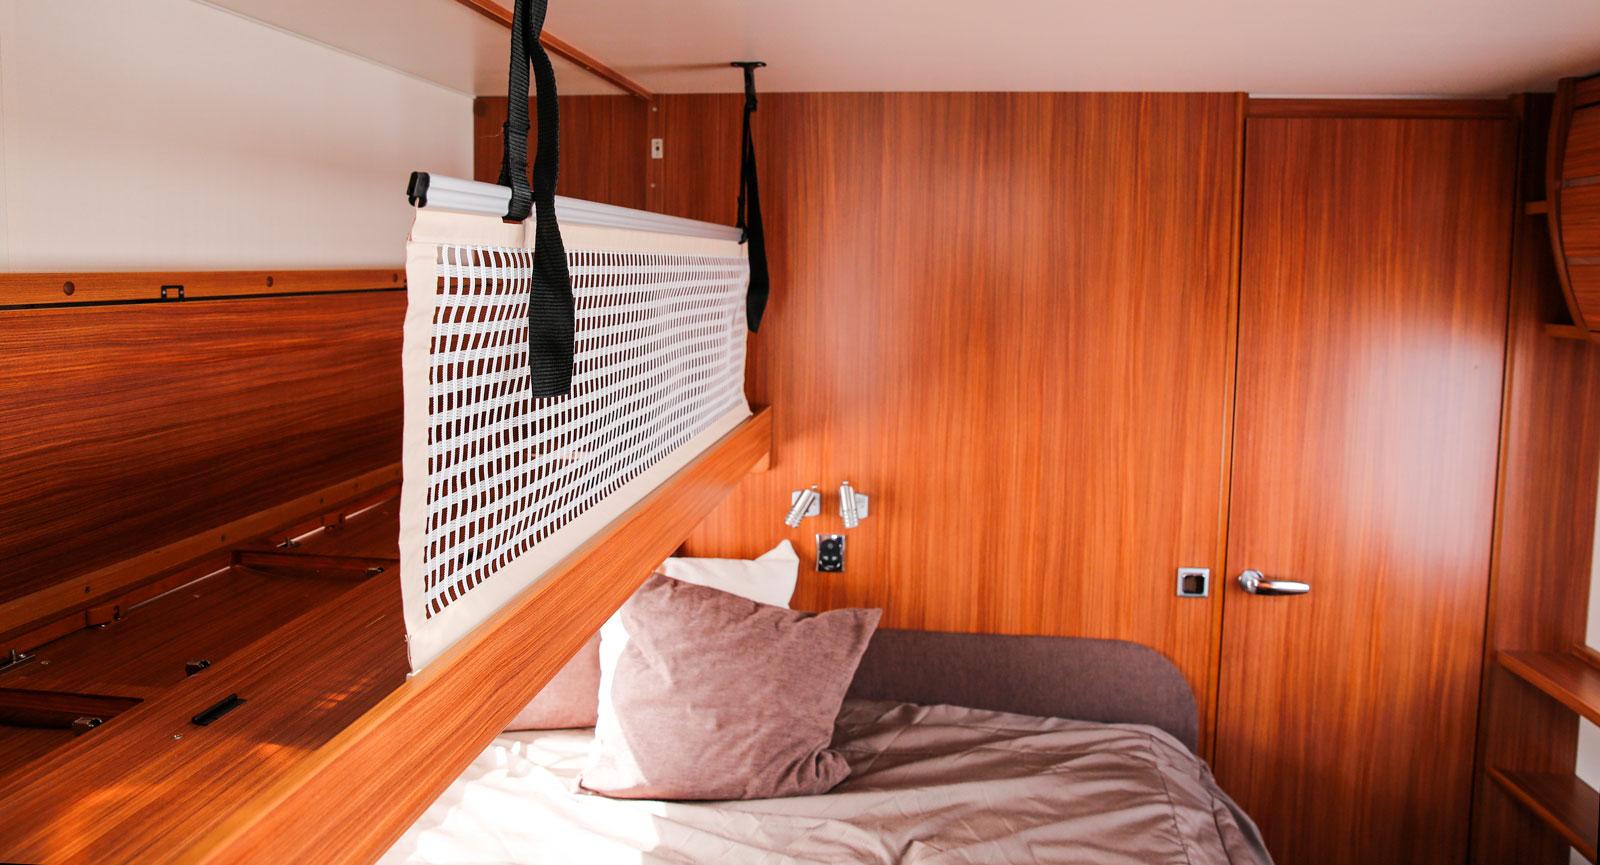 Tre överskåp kan fällas ut över sängen och bilda barnsäng.